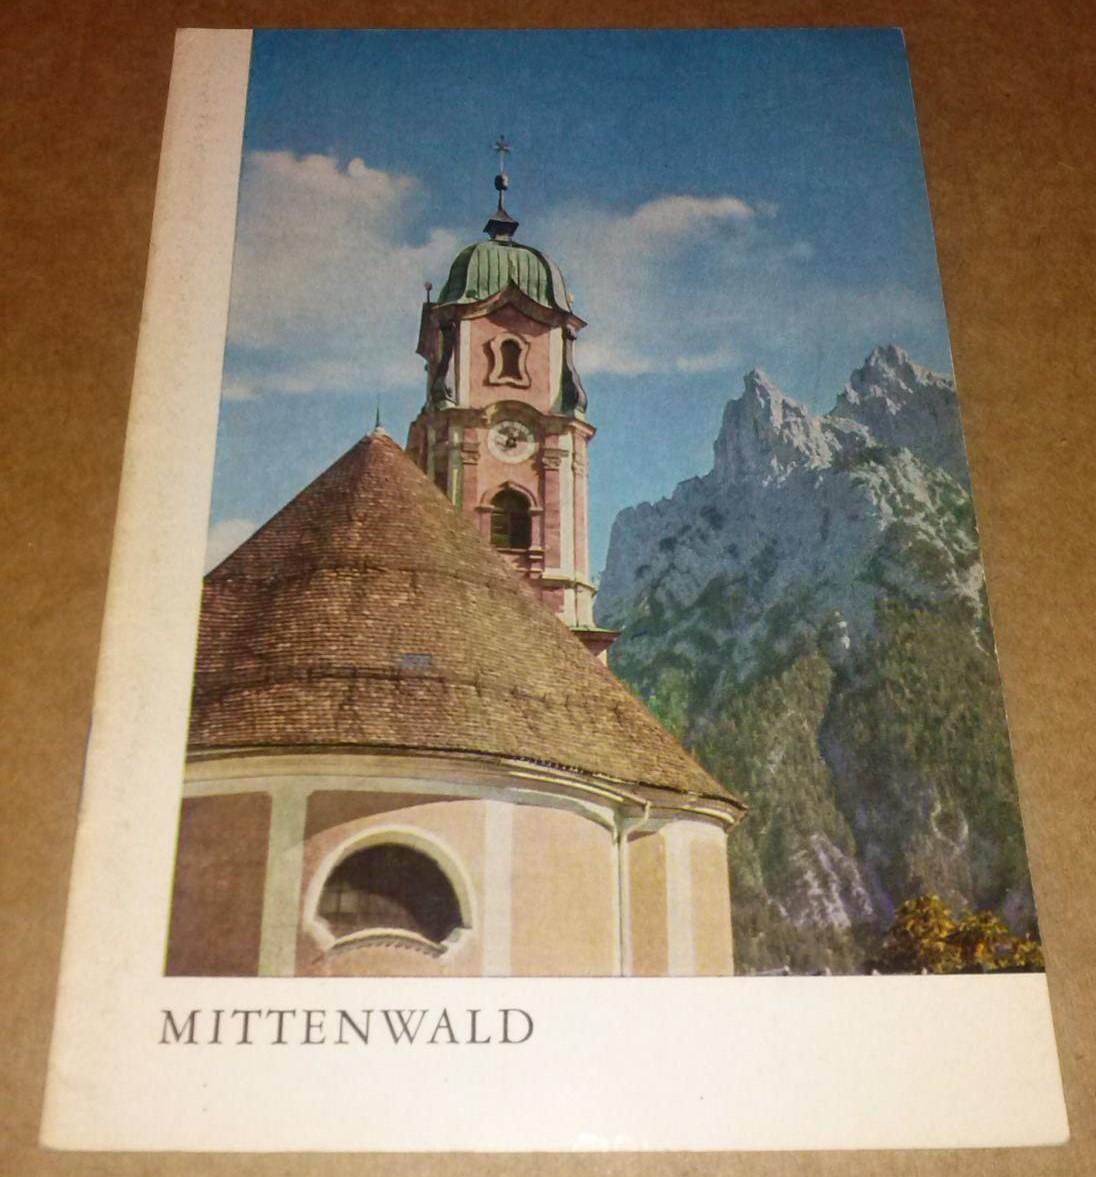 Mittenwald / Die St. Peter- und Paulskirche zu Mittenwald - 2. Auflage 1969 / herausgegeben im Auftrage des Katholischen Pfarramtes Mittenwald 0